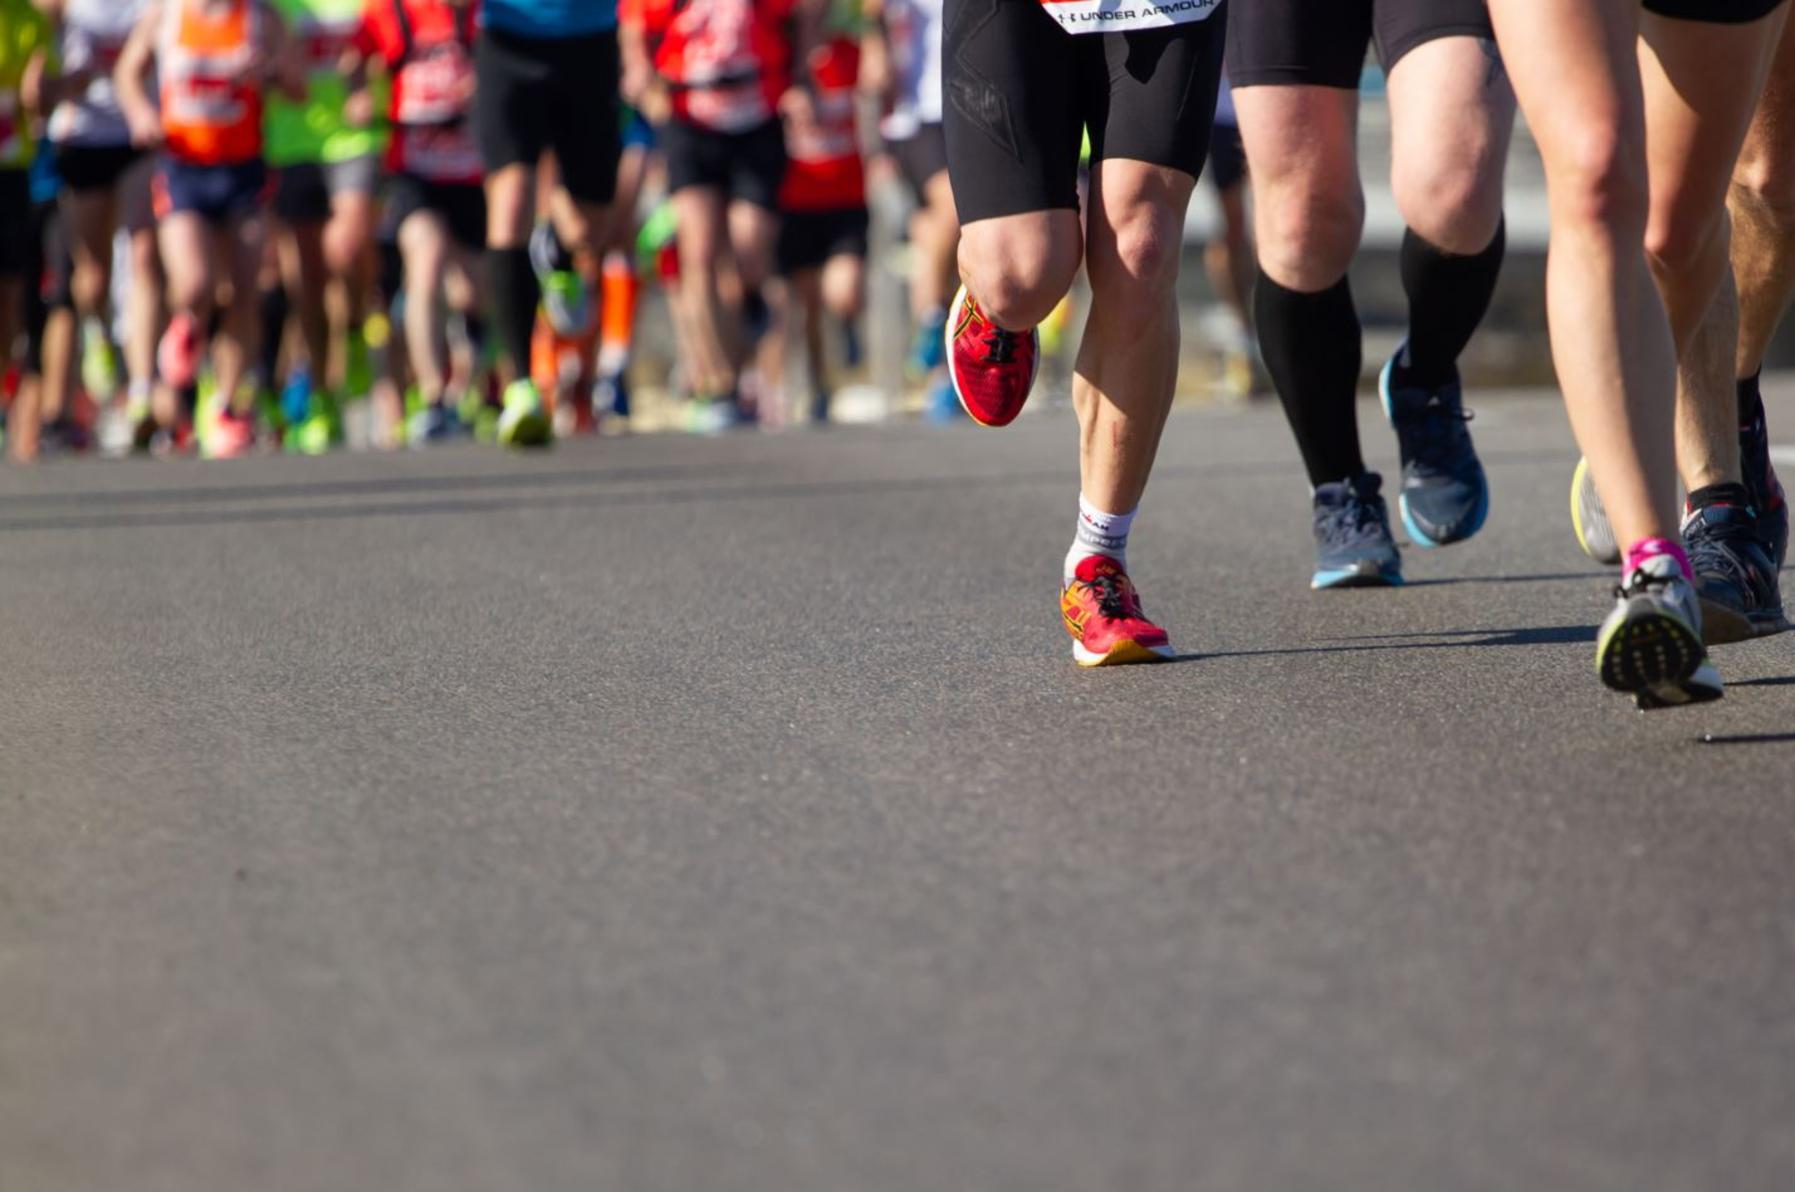 ¿Qué va a pasar con las carrera populares? ¿Cómo serán los maratones de aquí a un año?